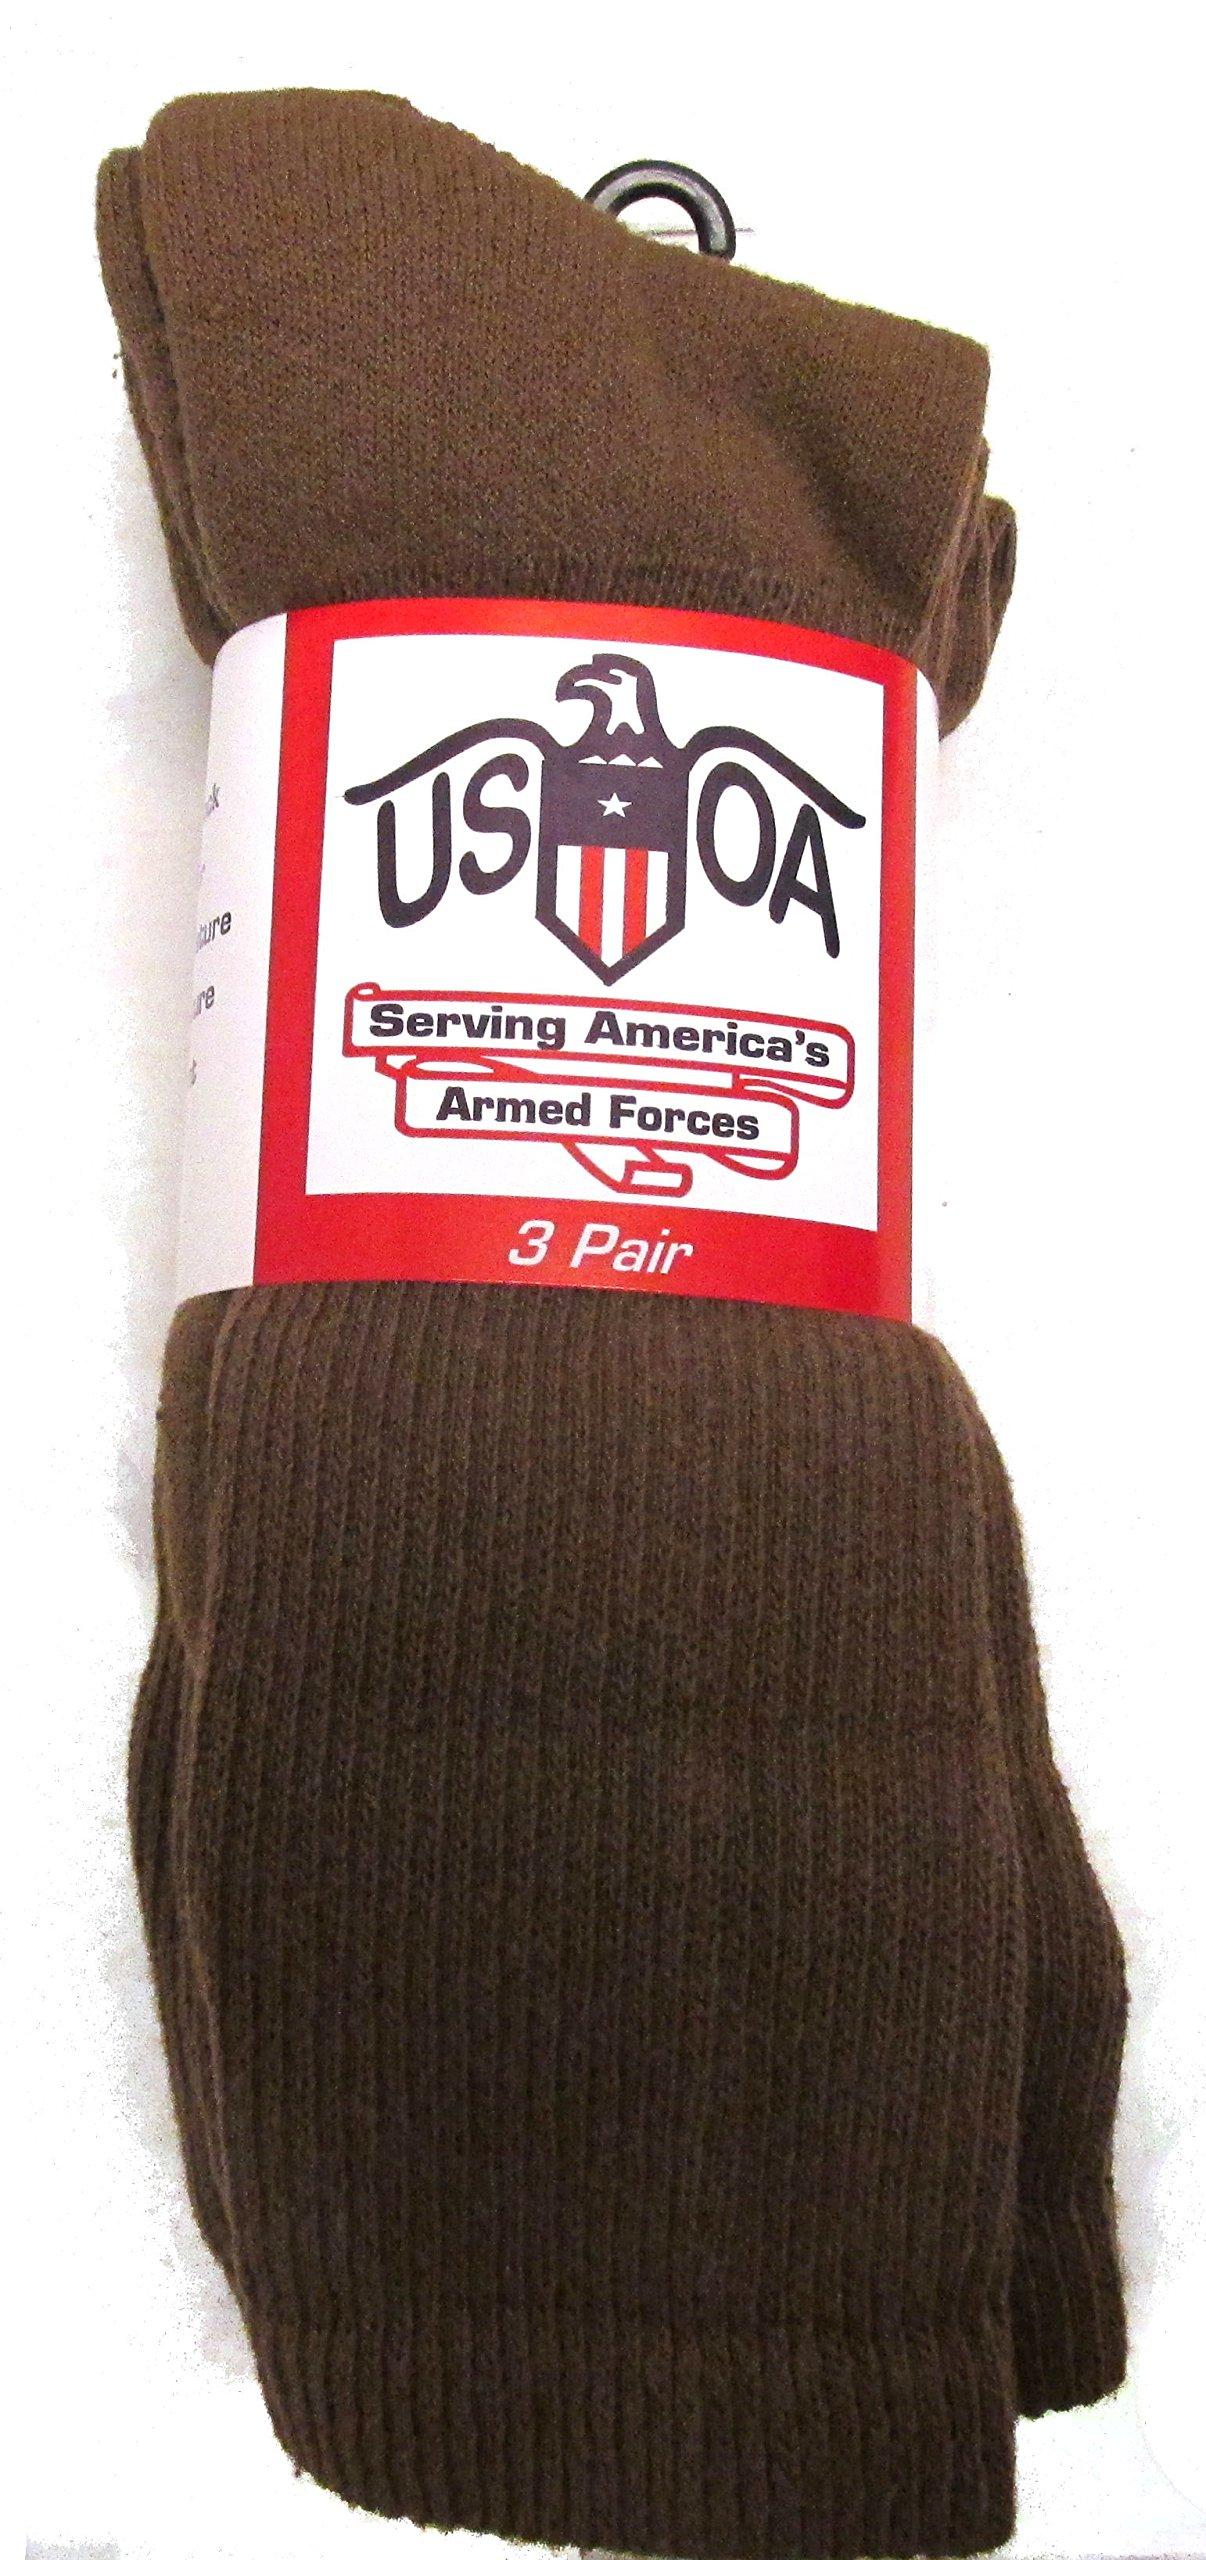 Men's Military Boot Socks COYOTE BROWN - 3 PAIR - LARGE